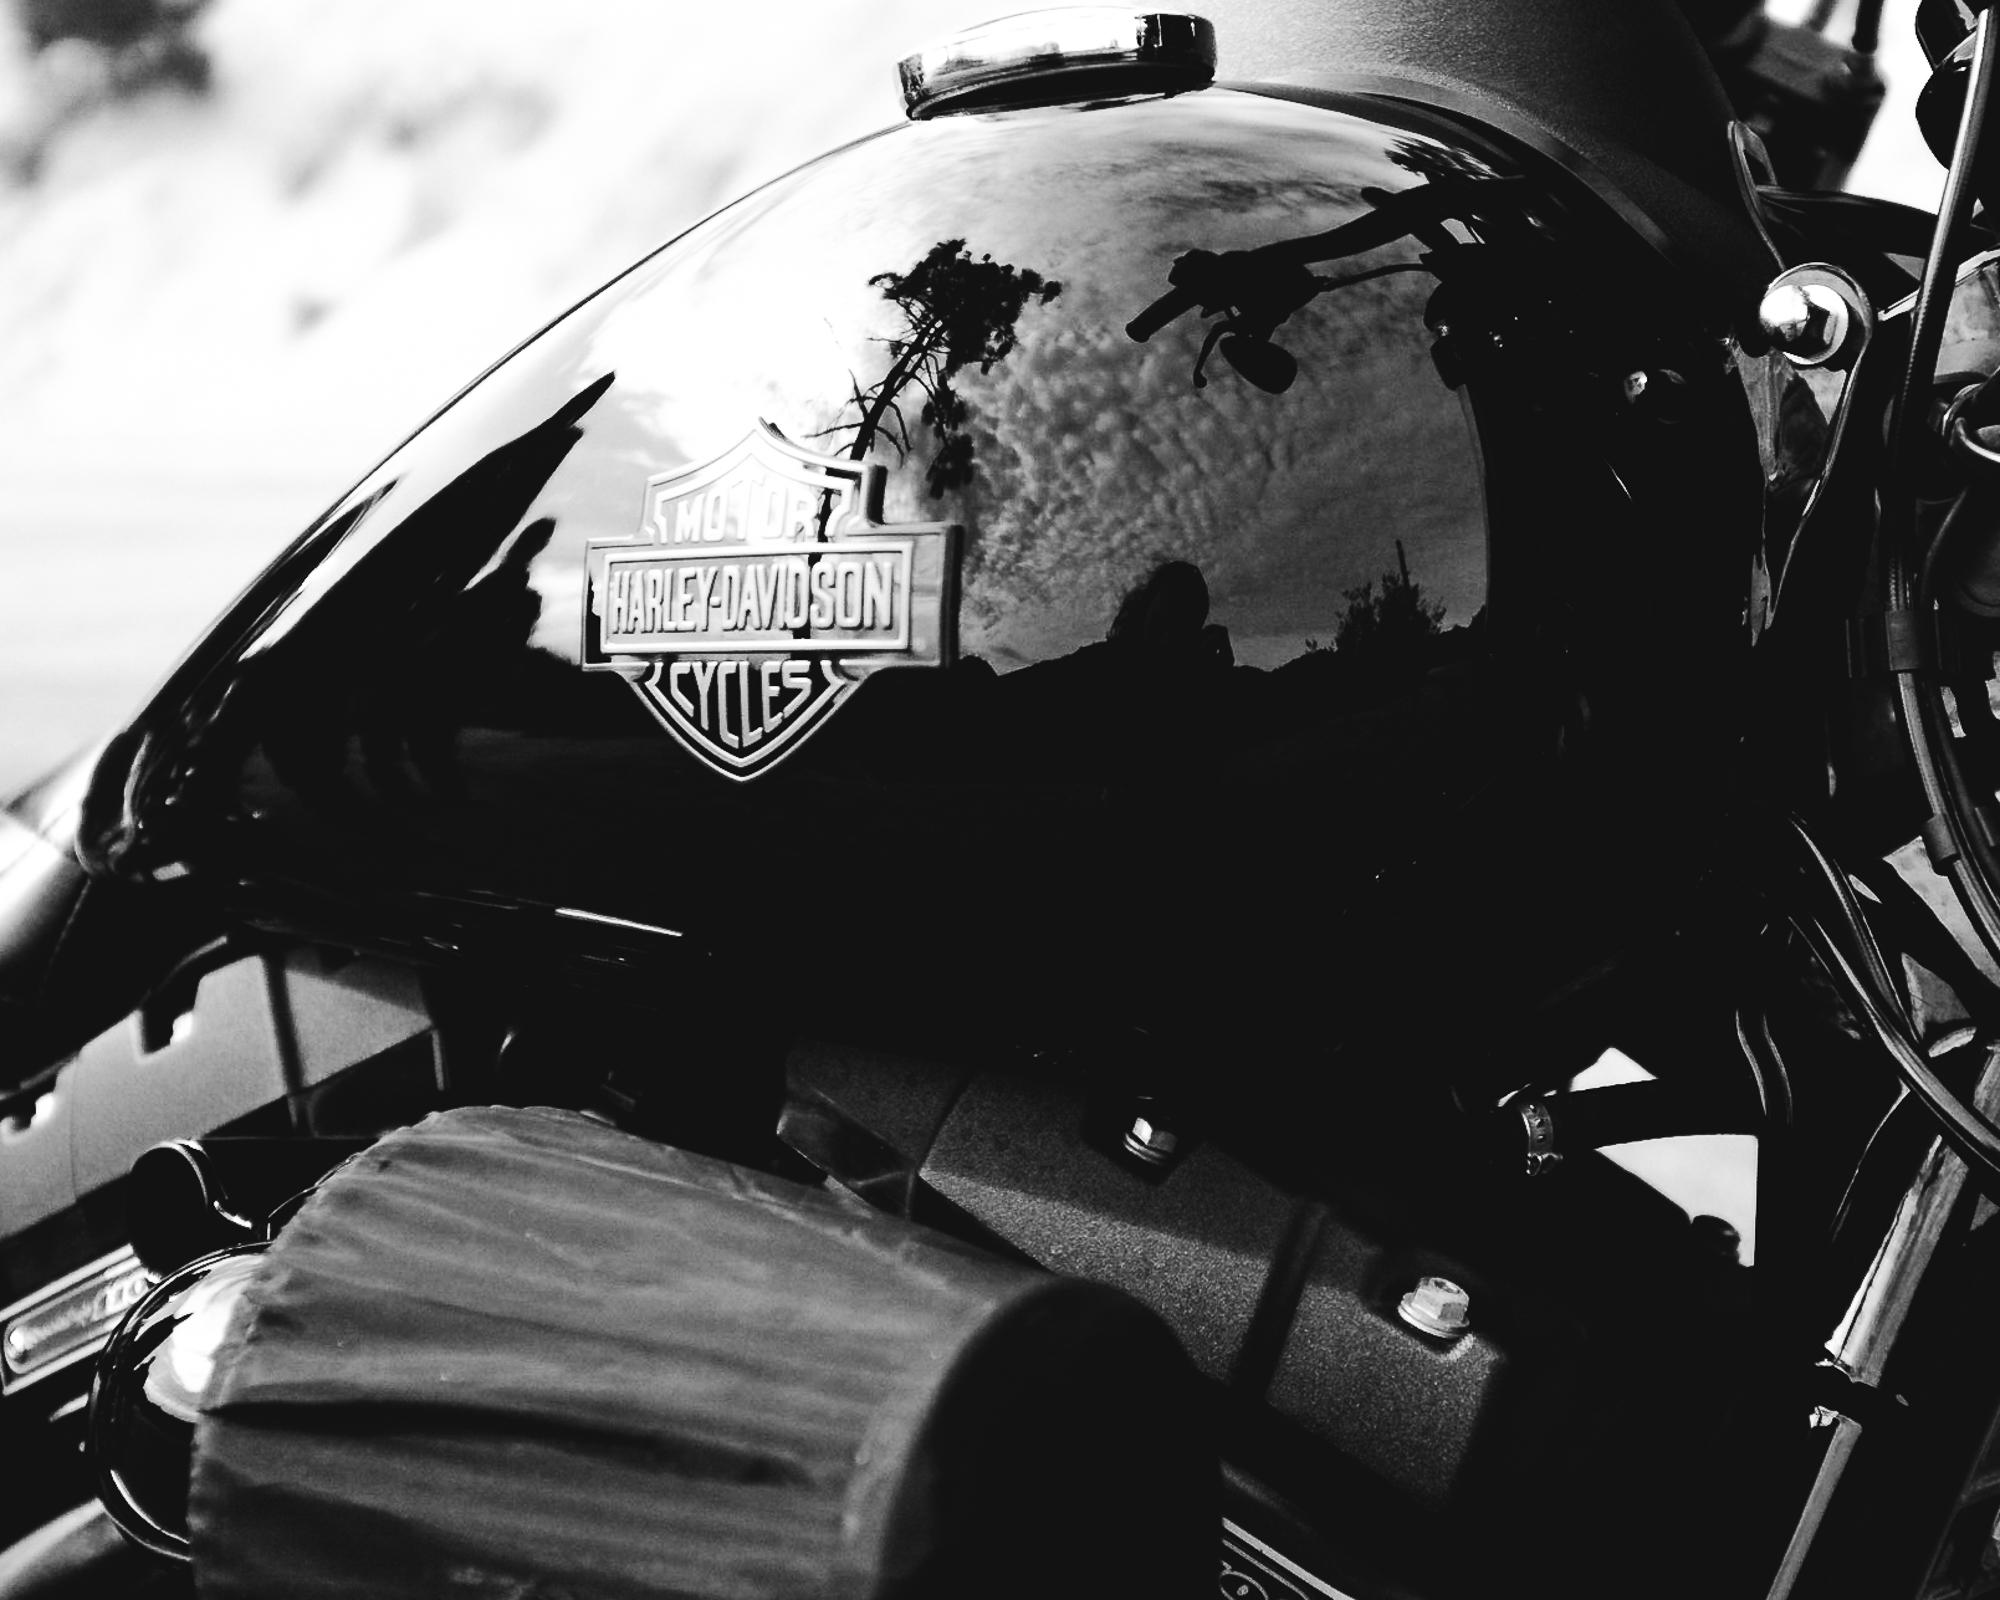 Harley Davidson tank detail shot on Fuji x-100